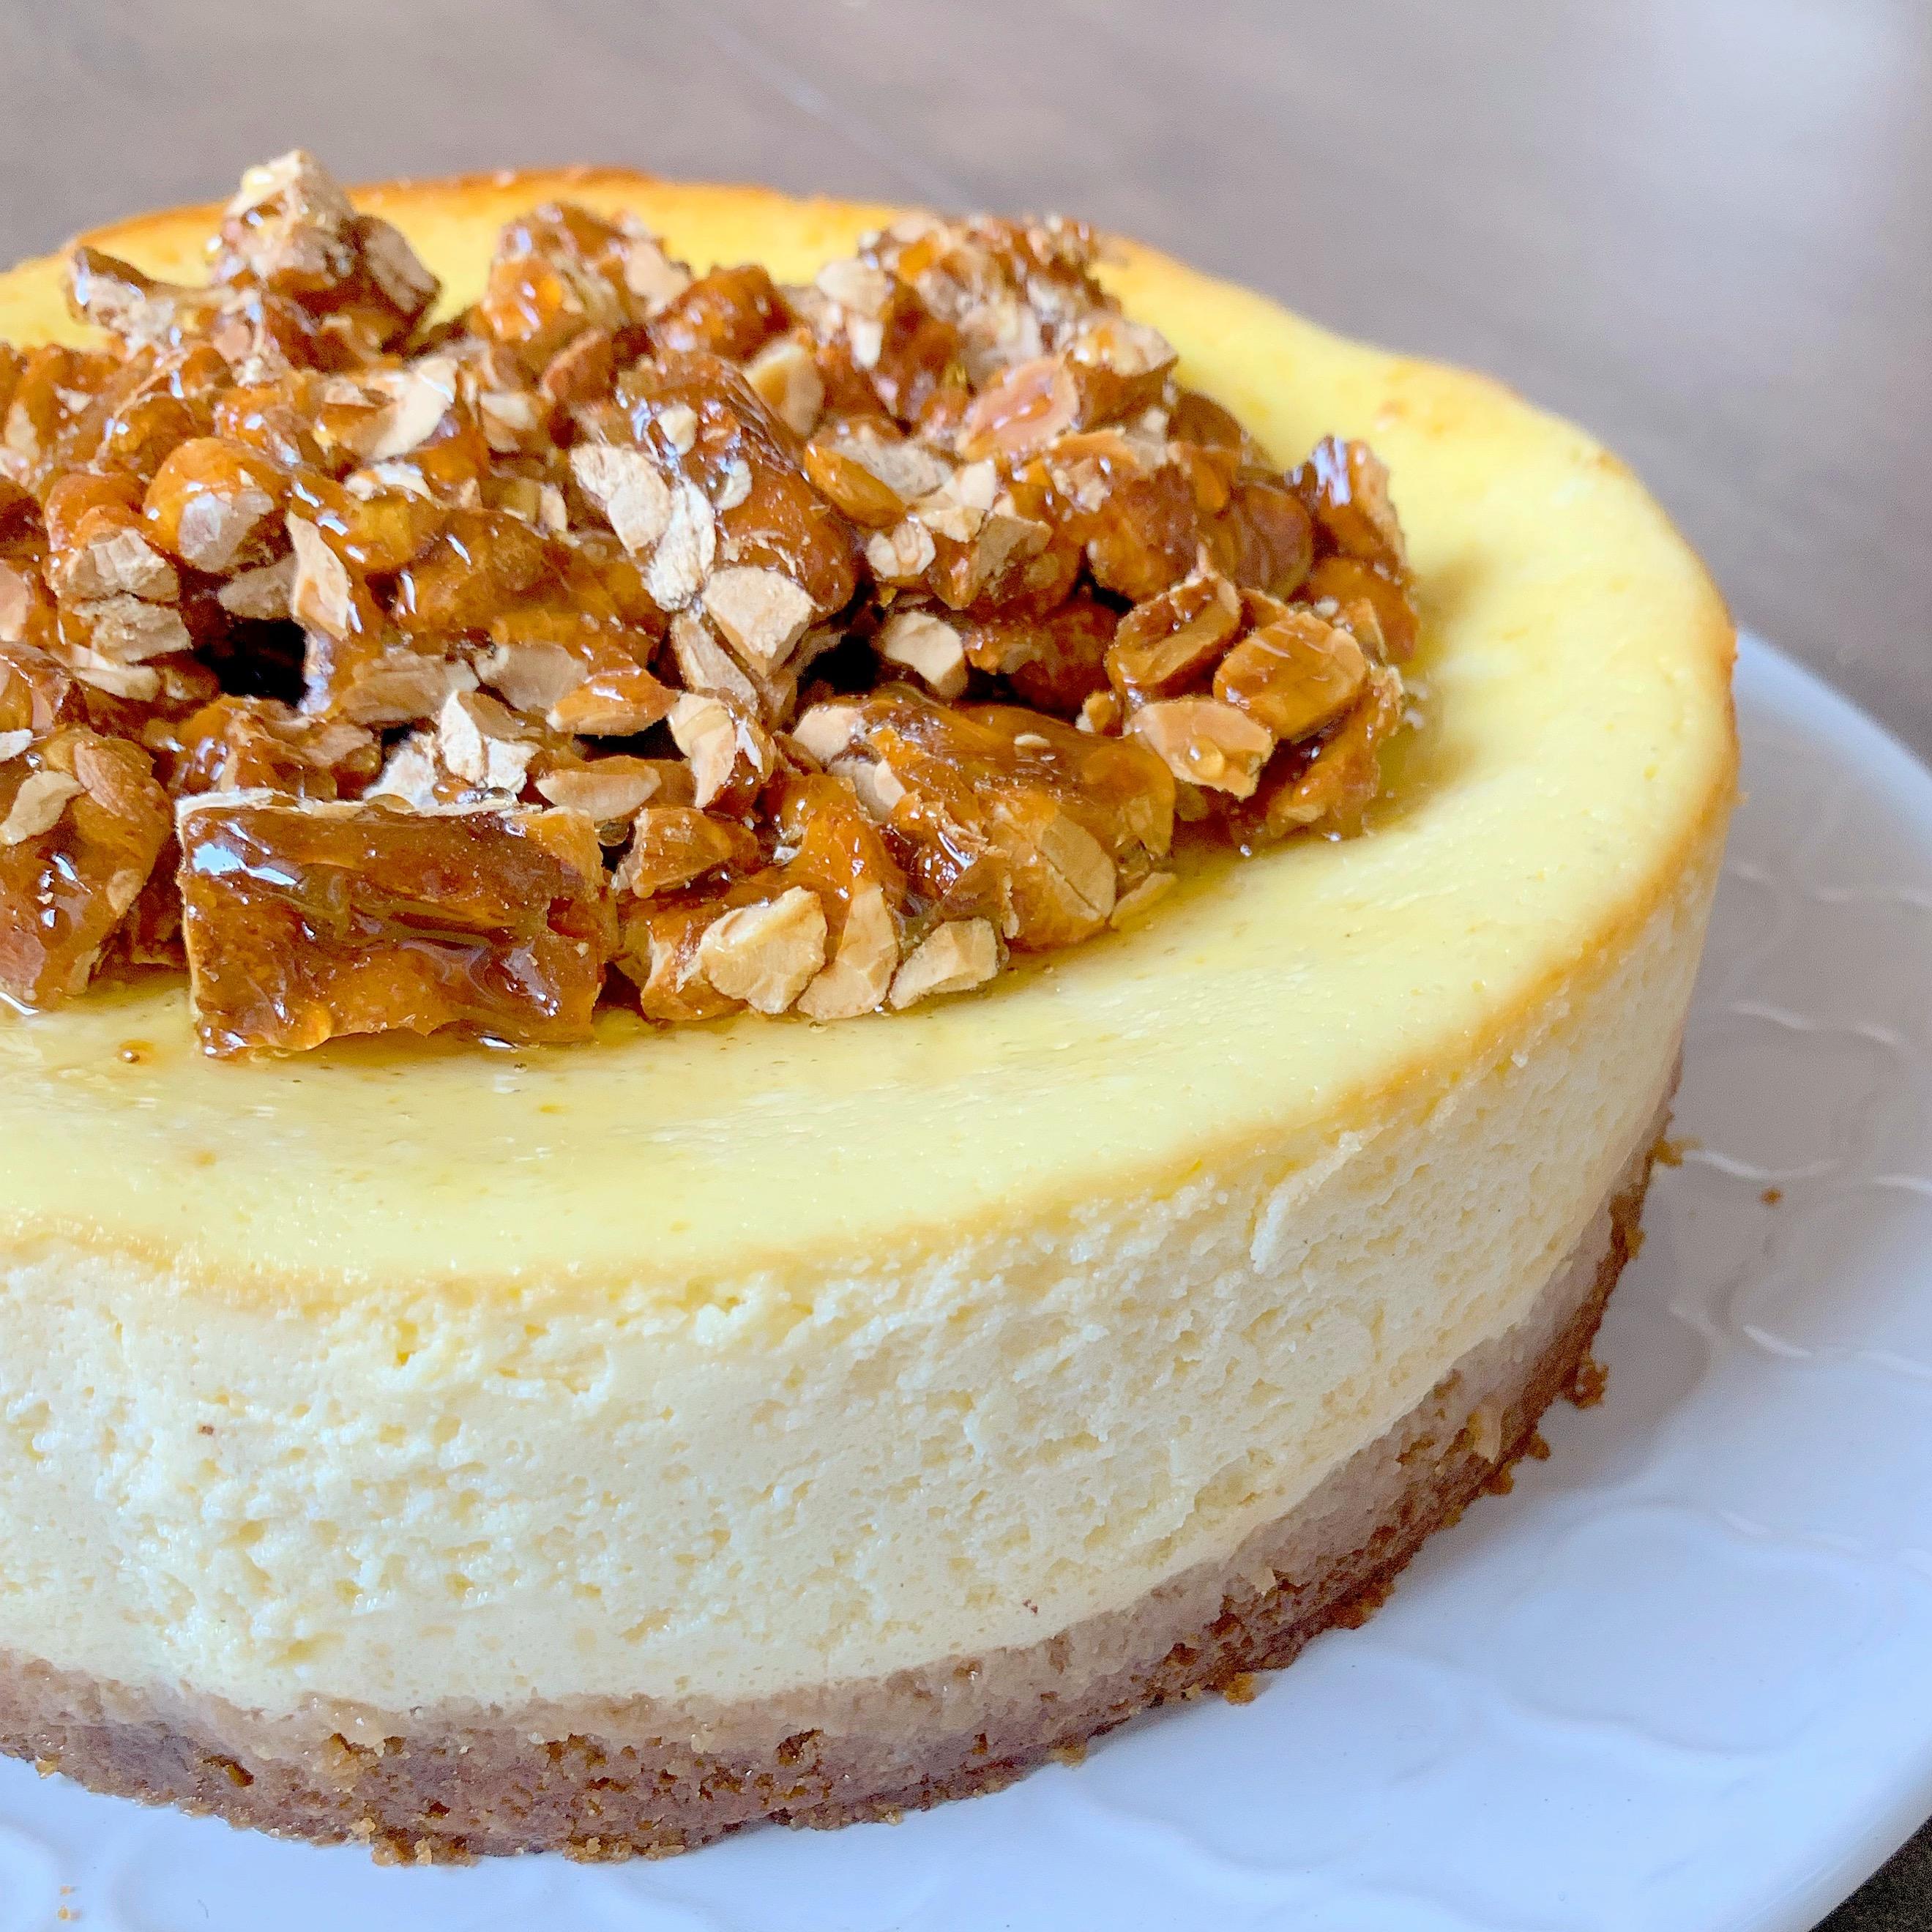 Cheesecake al Croccante e Miele Senza Burro, un dolce goloso e avvolgente di dolci senza burro